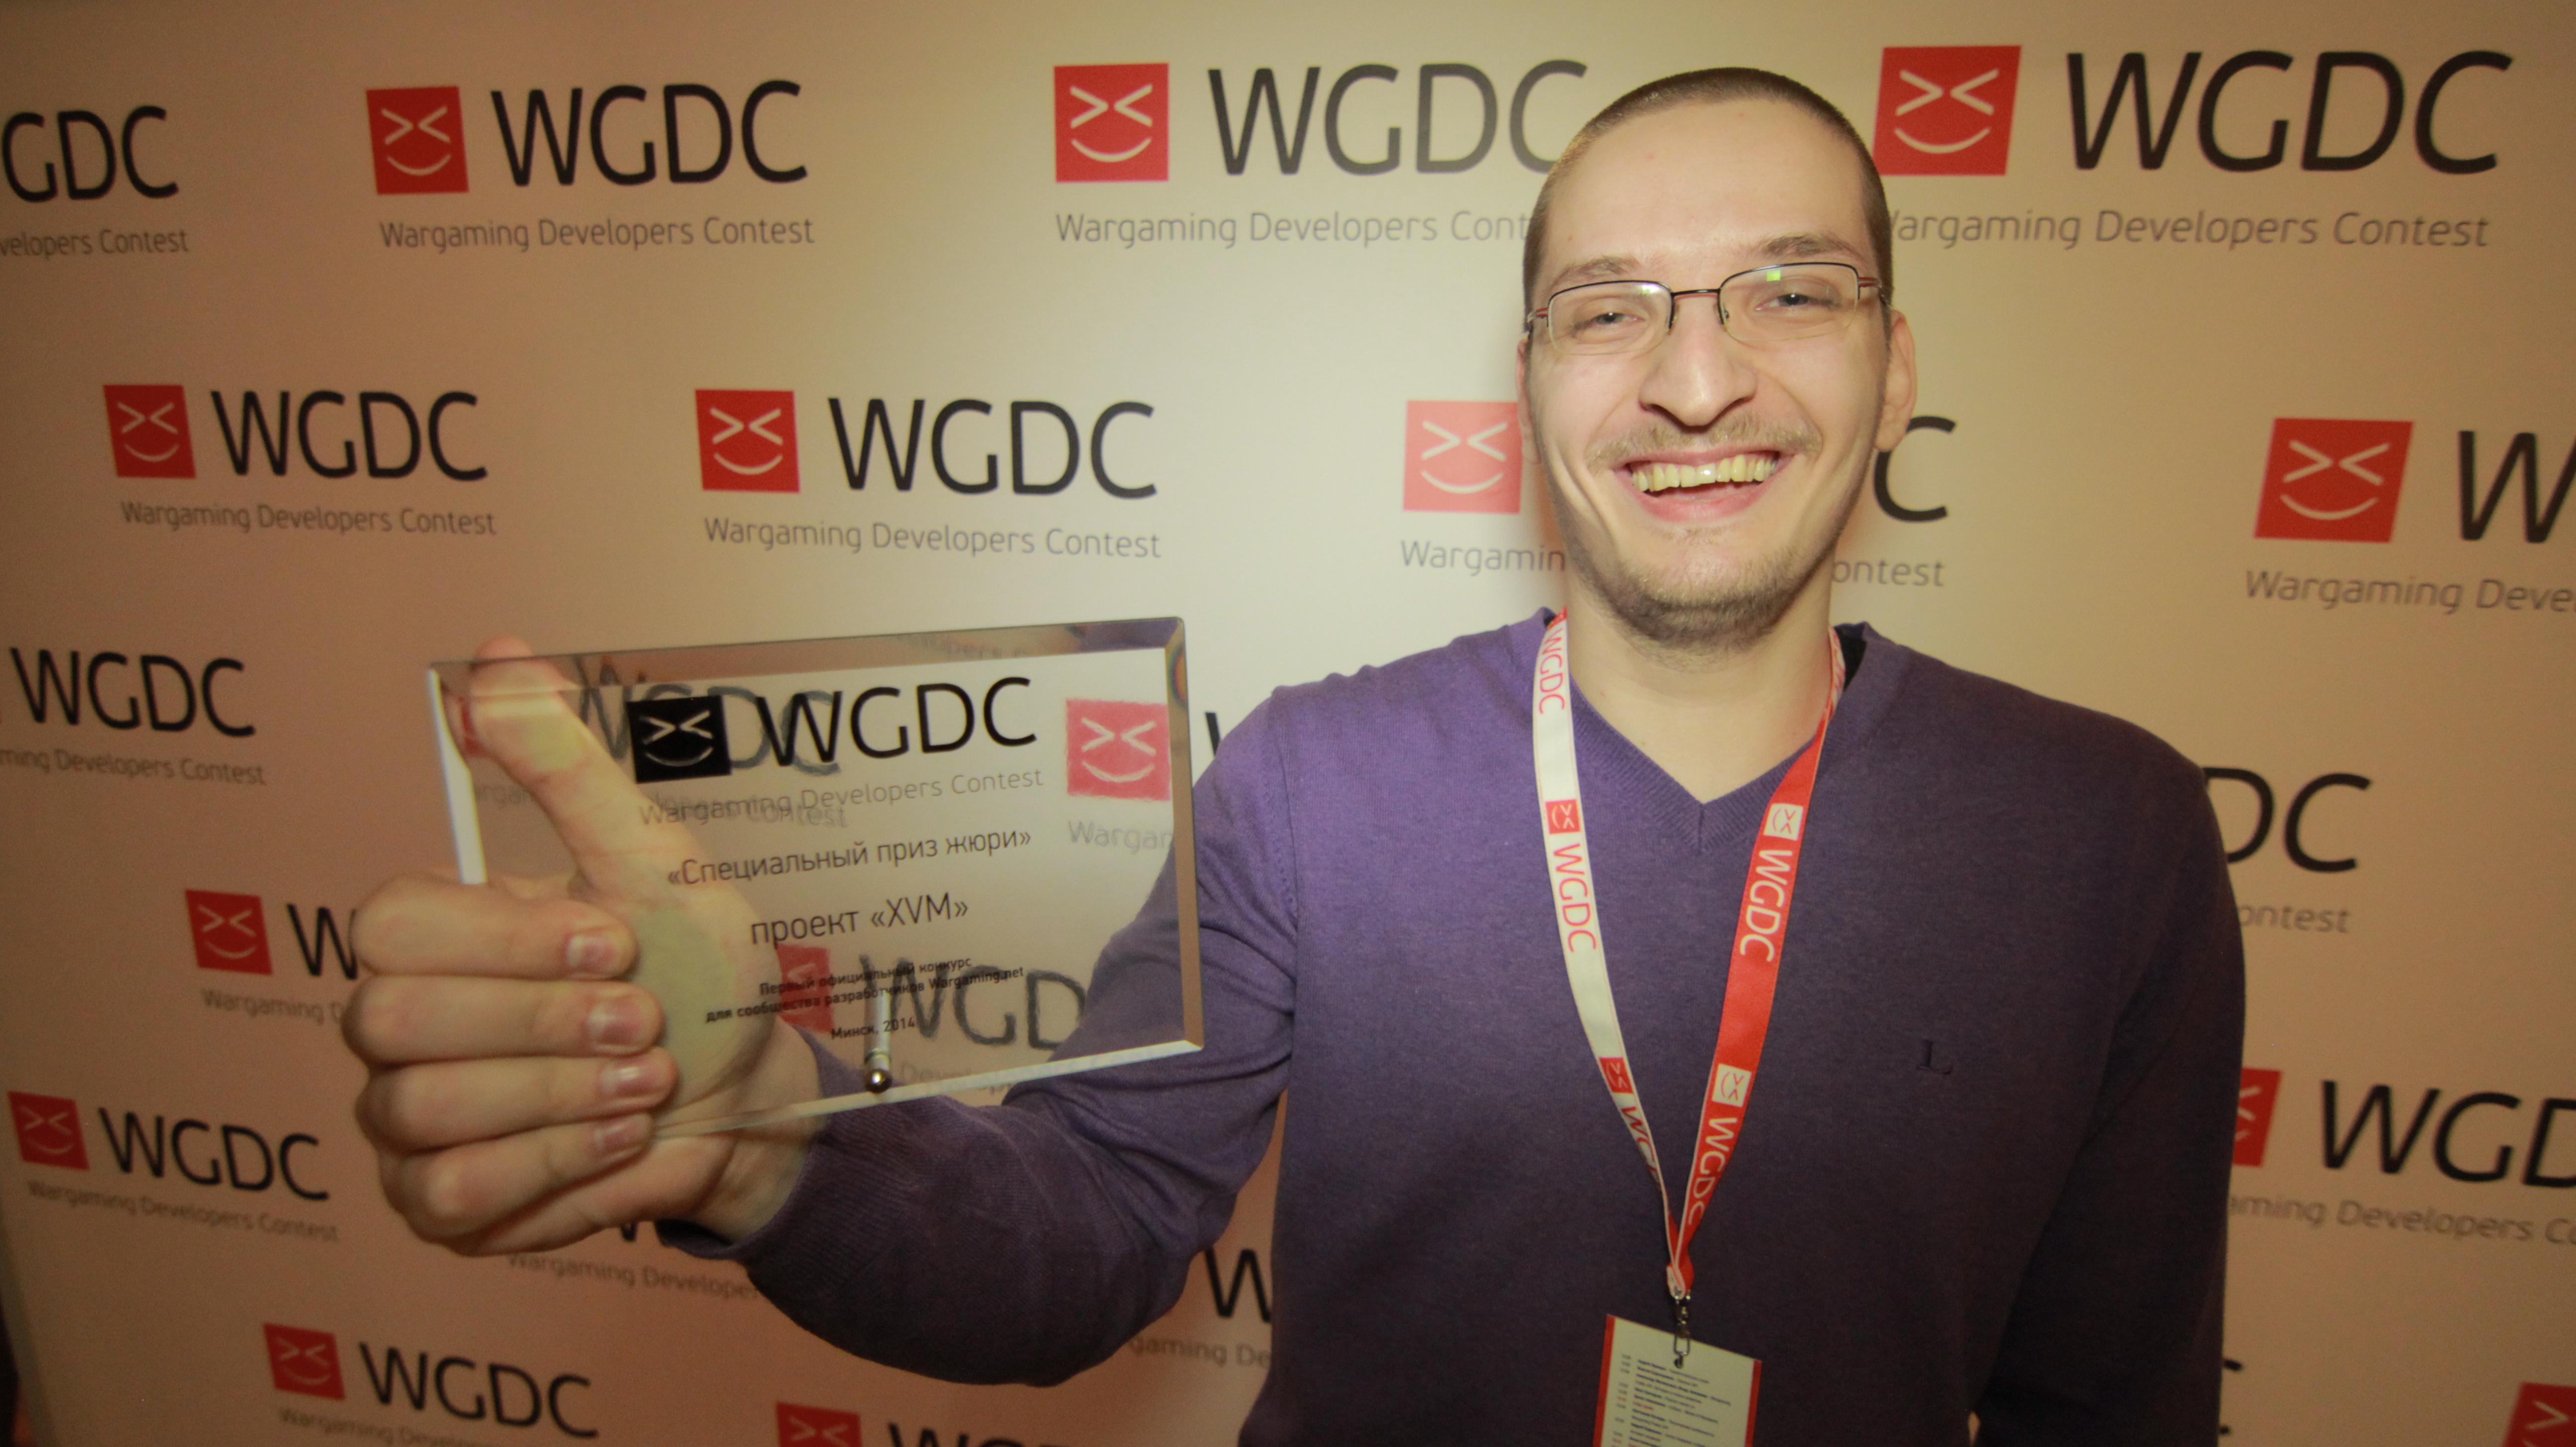 WGN_Photos_WGDC_Conference_Image_33